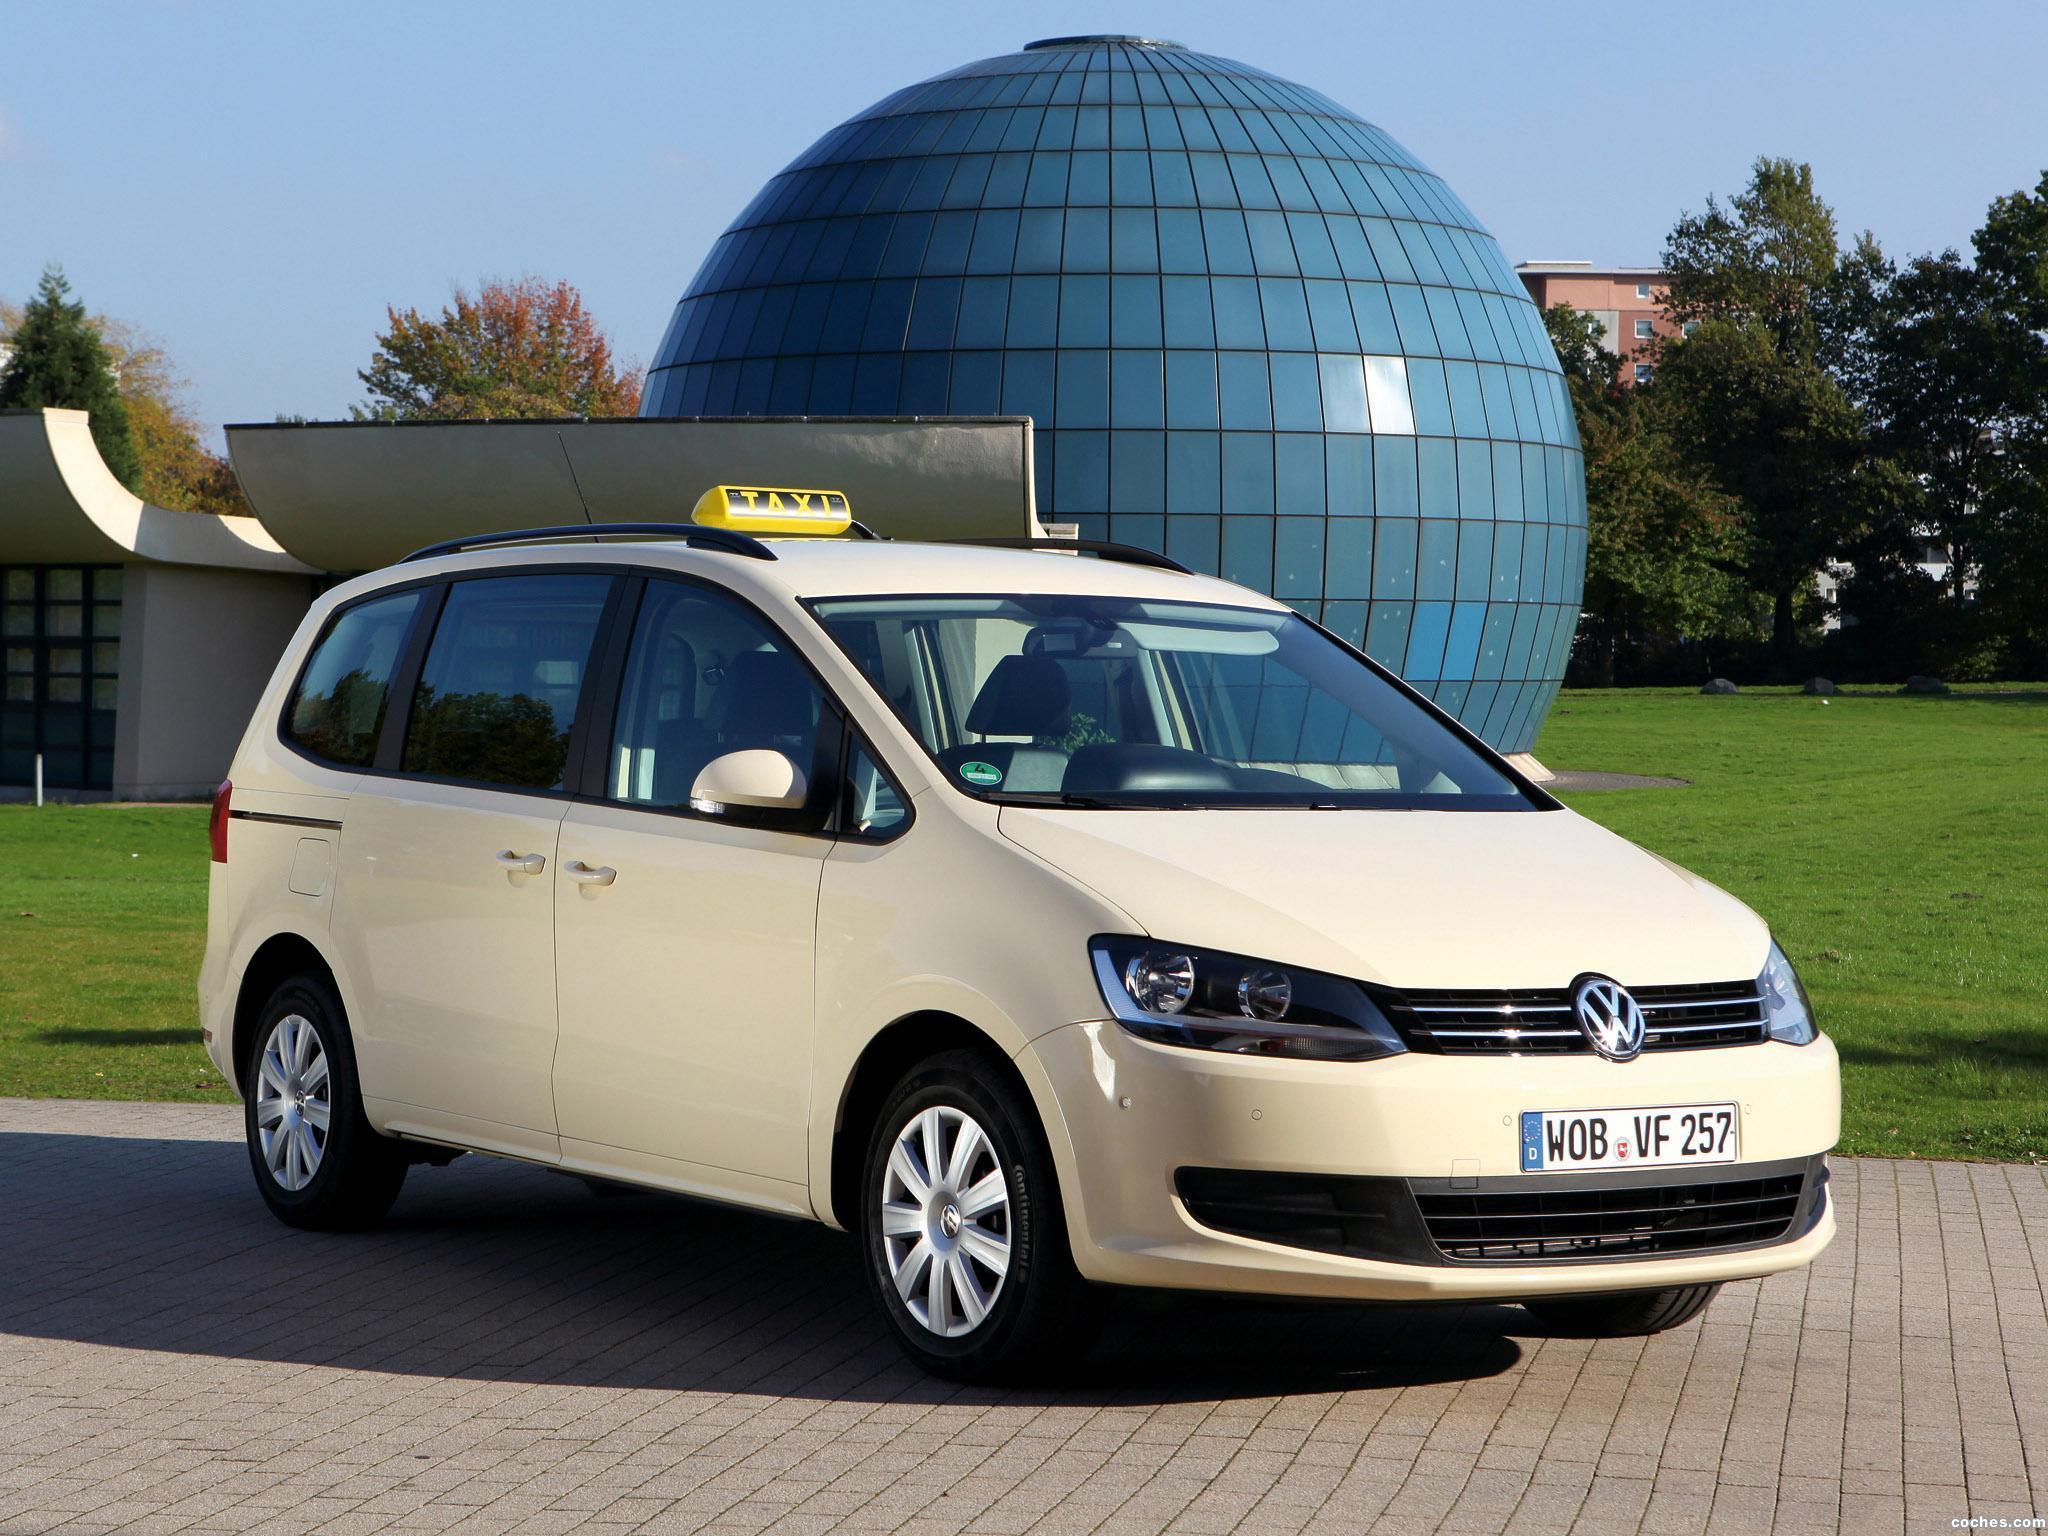 Foto 0 de Volkswagen Sharan Taxi 2010